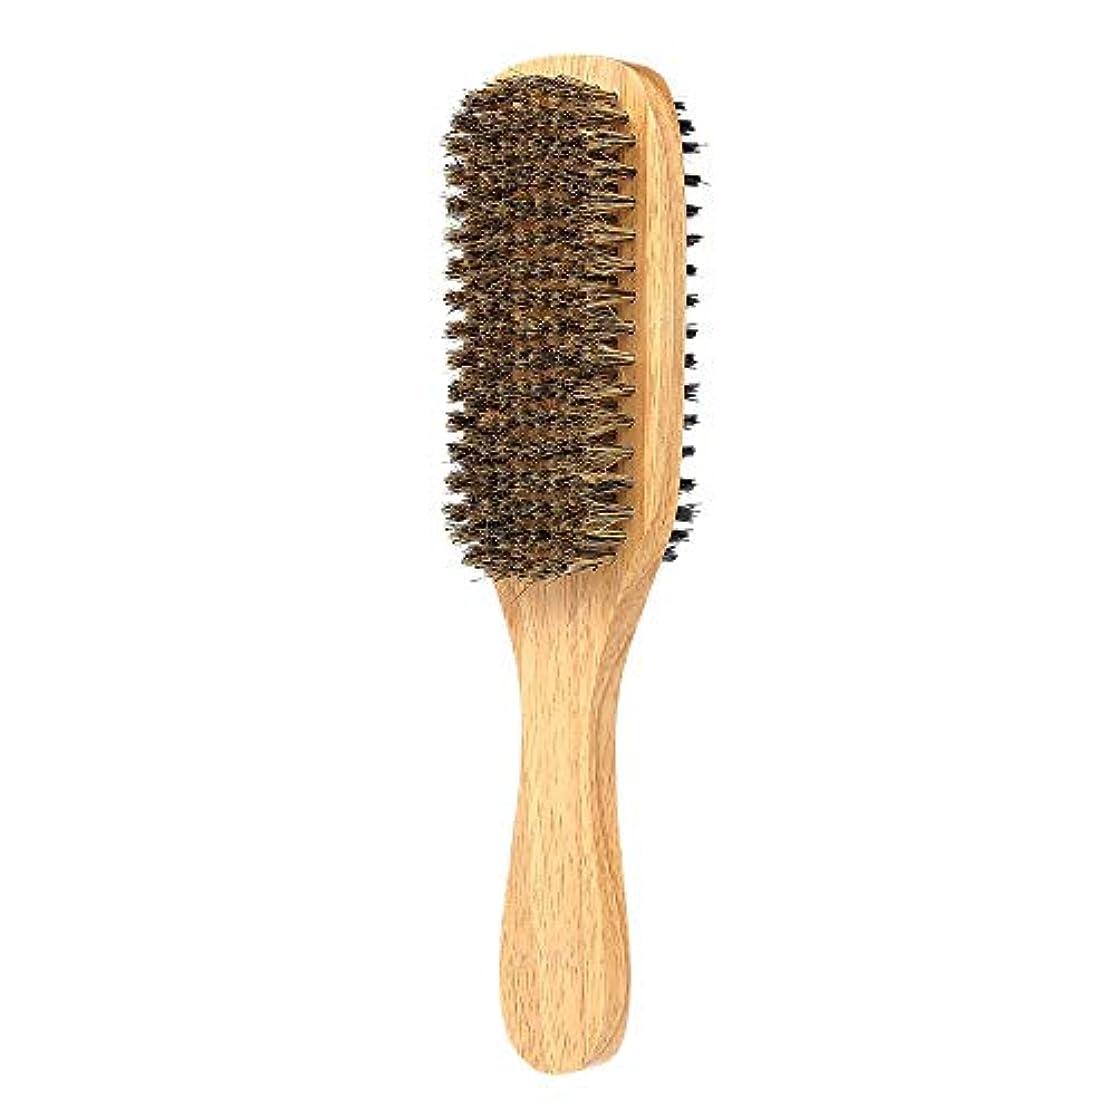 によるとせせらぎ適度なあごひげケア 美容ツール 口ひげのブラシ 男の顔のケア ひげブラシ 顔マッサージャー ひげ剃りツール サロンツール 木材 両面 (Size : 3)